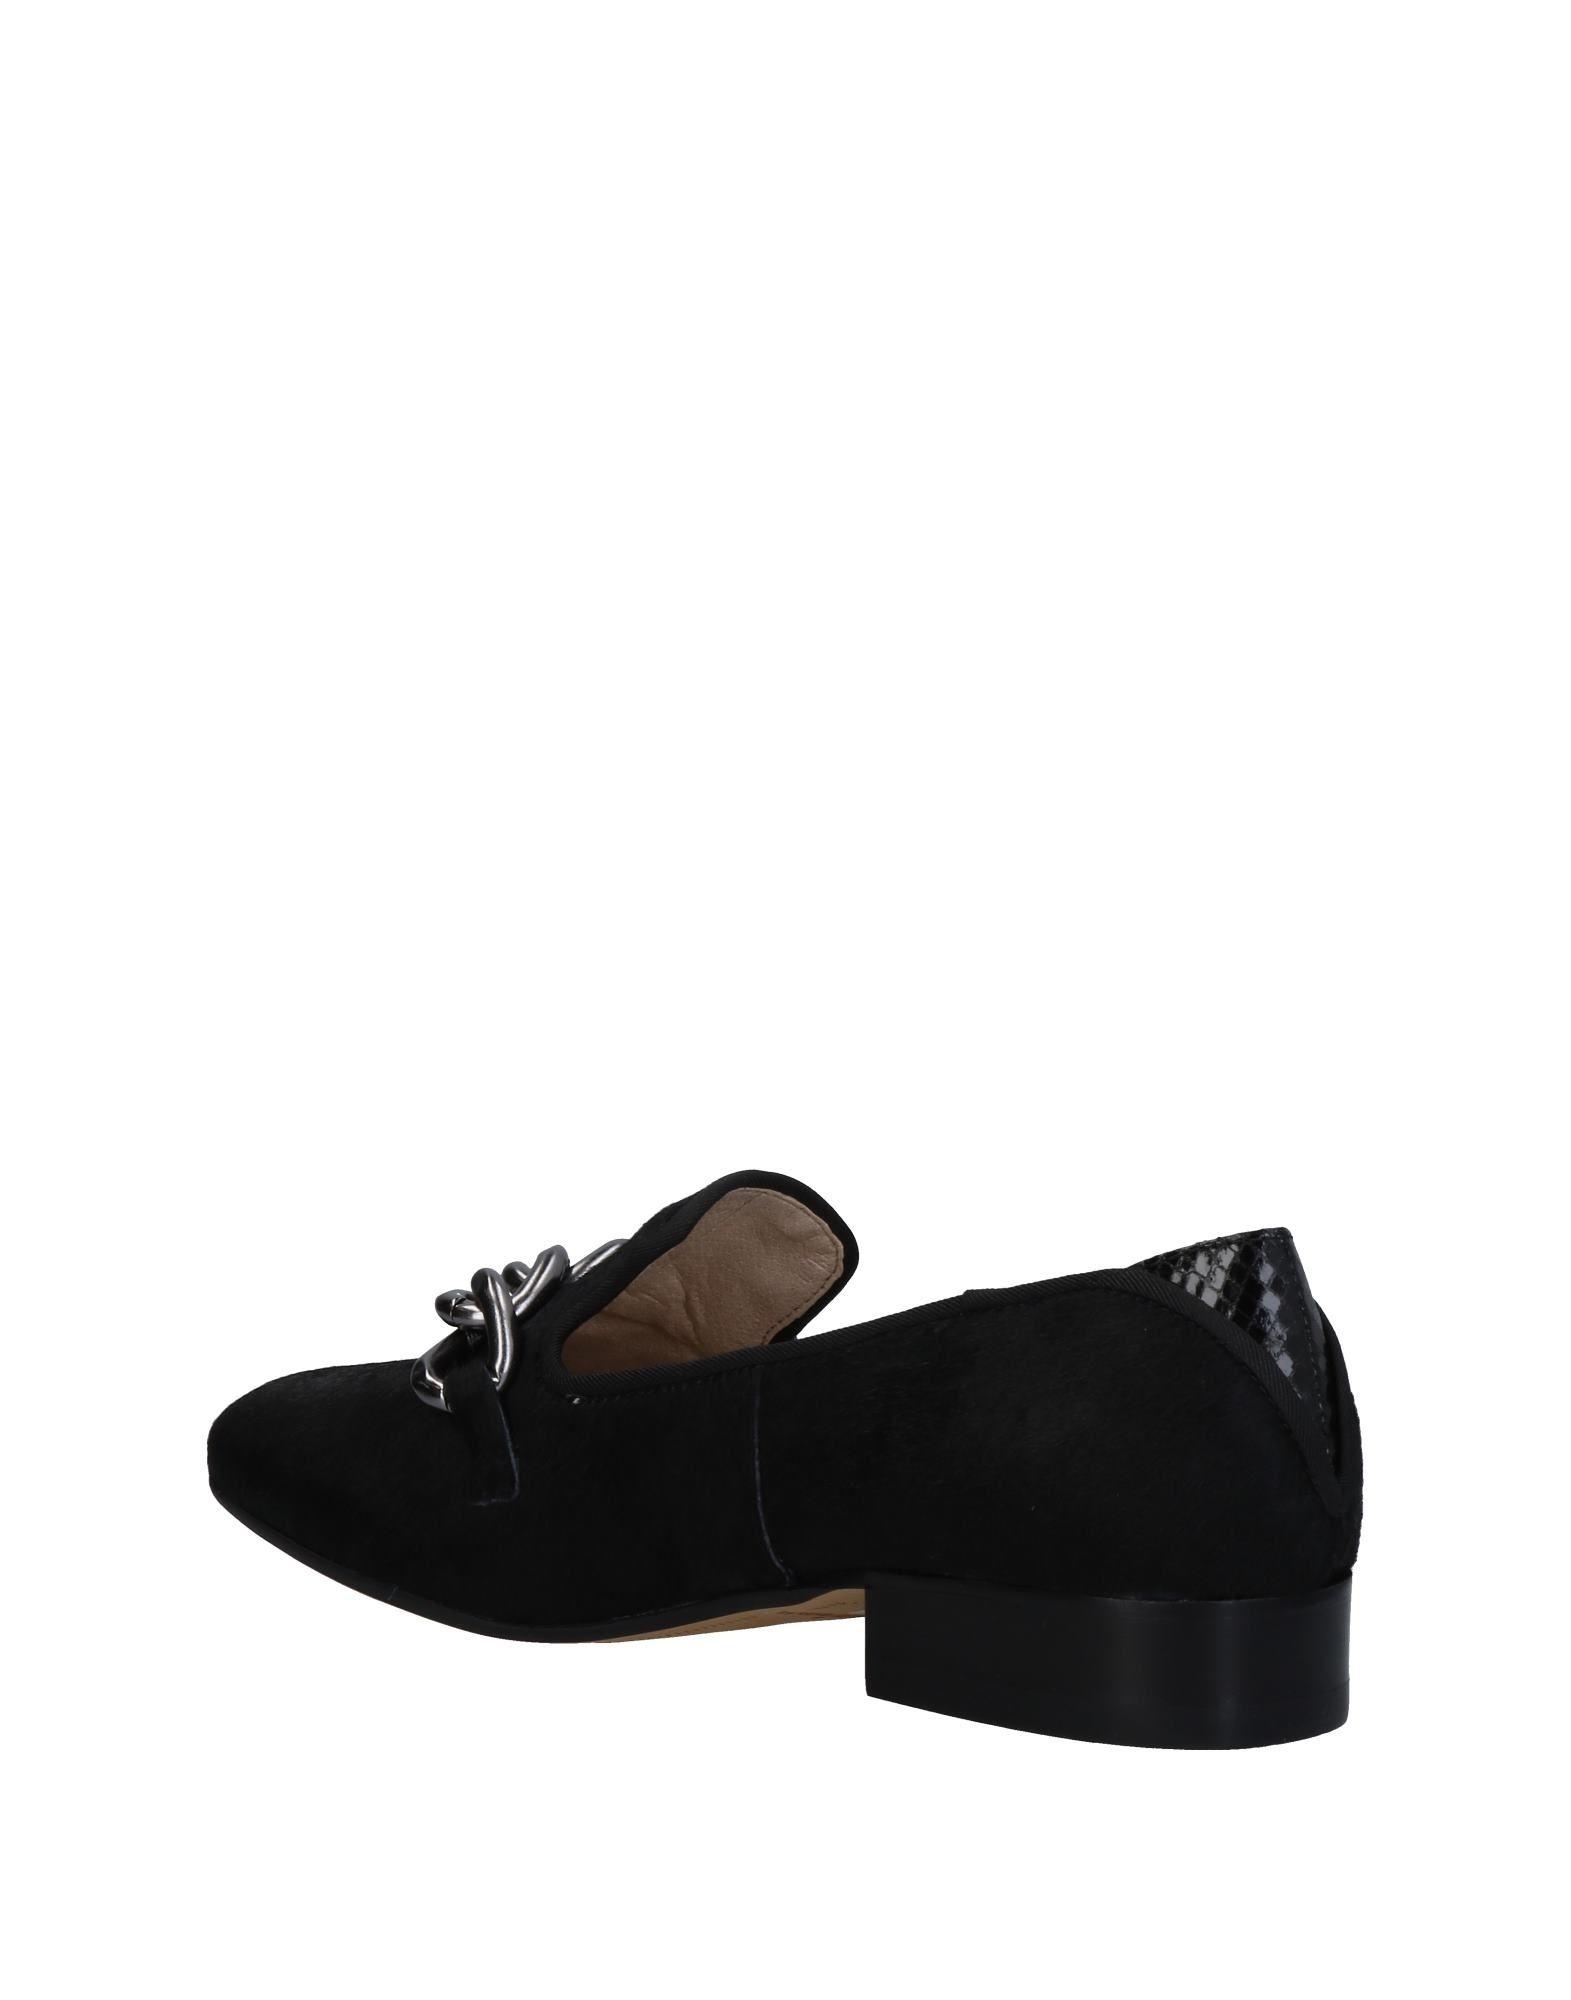 Sam Edelman Mokassins Damen  11457039EH Gute Gute Gute Qualität beliebte Schuhe a18692